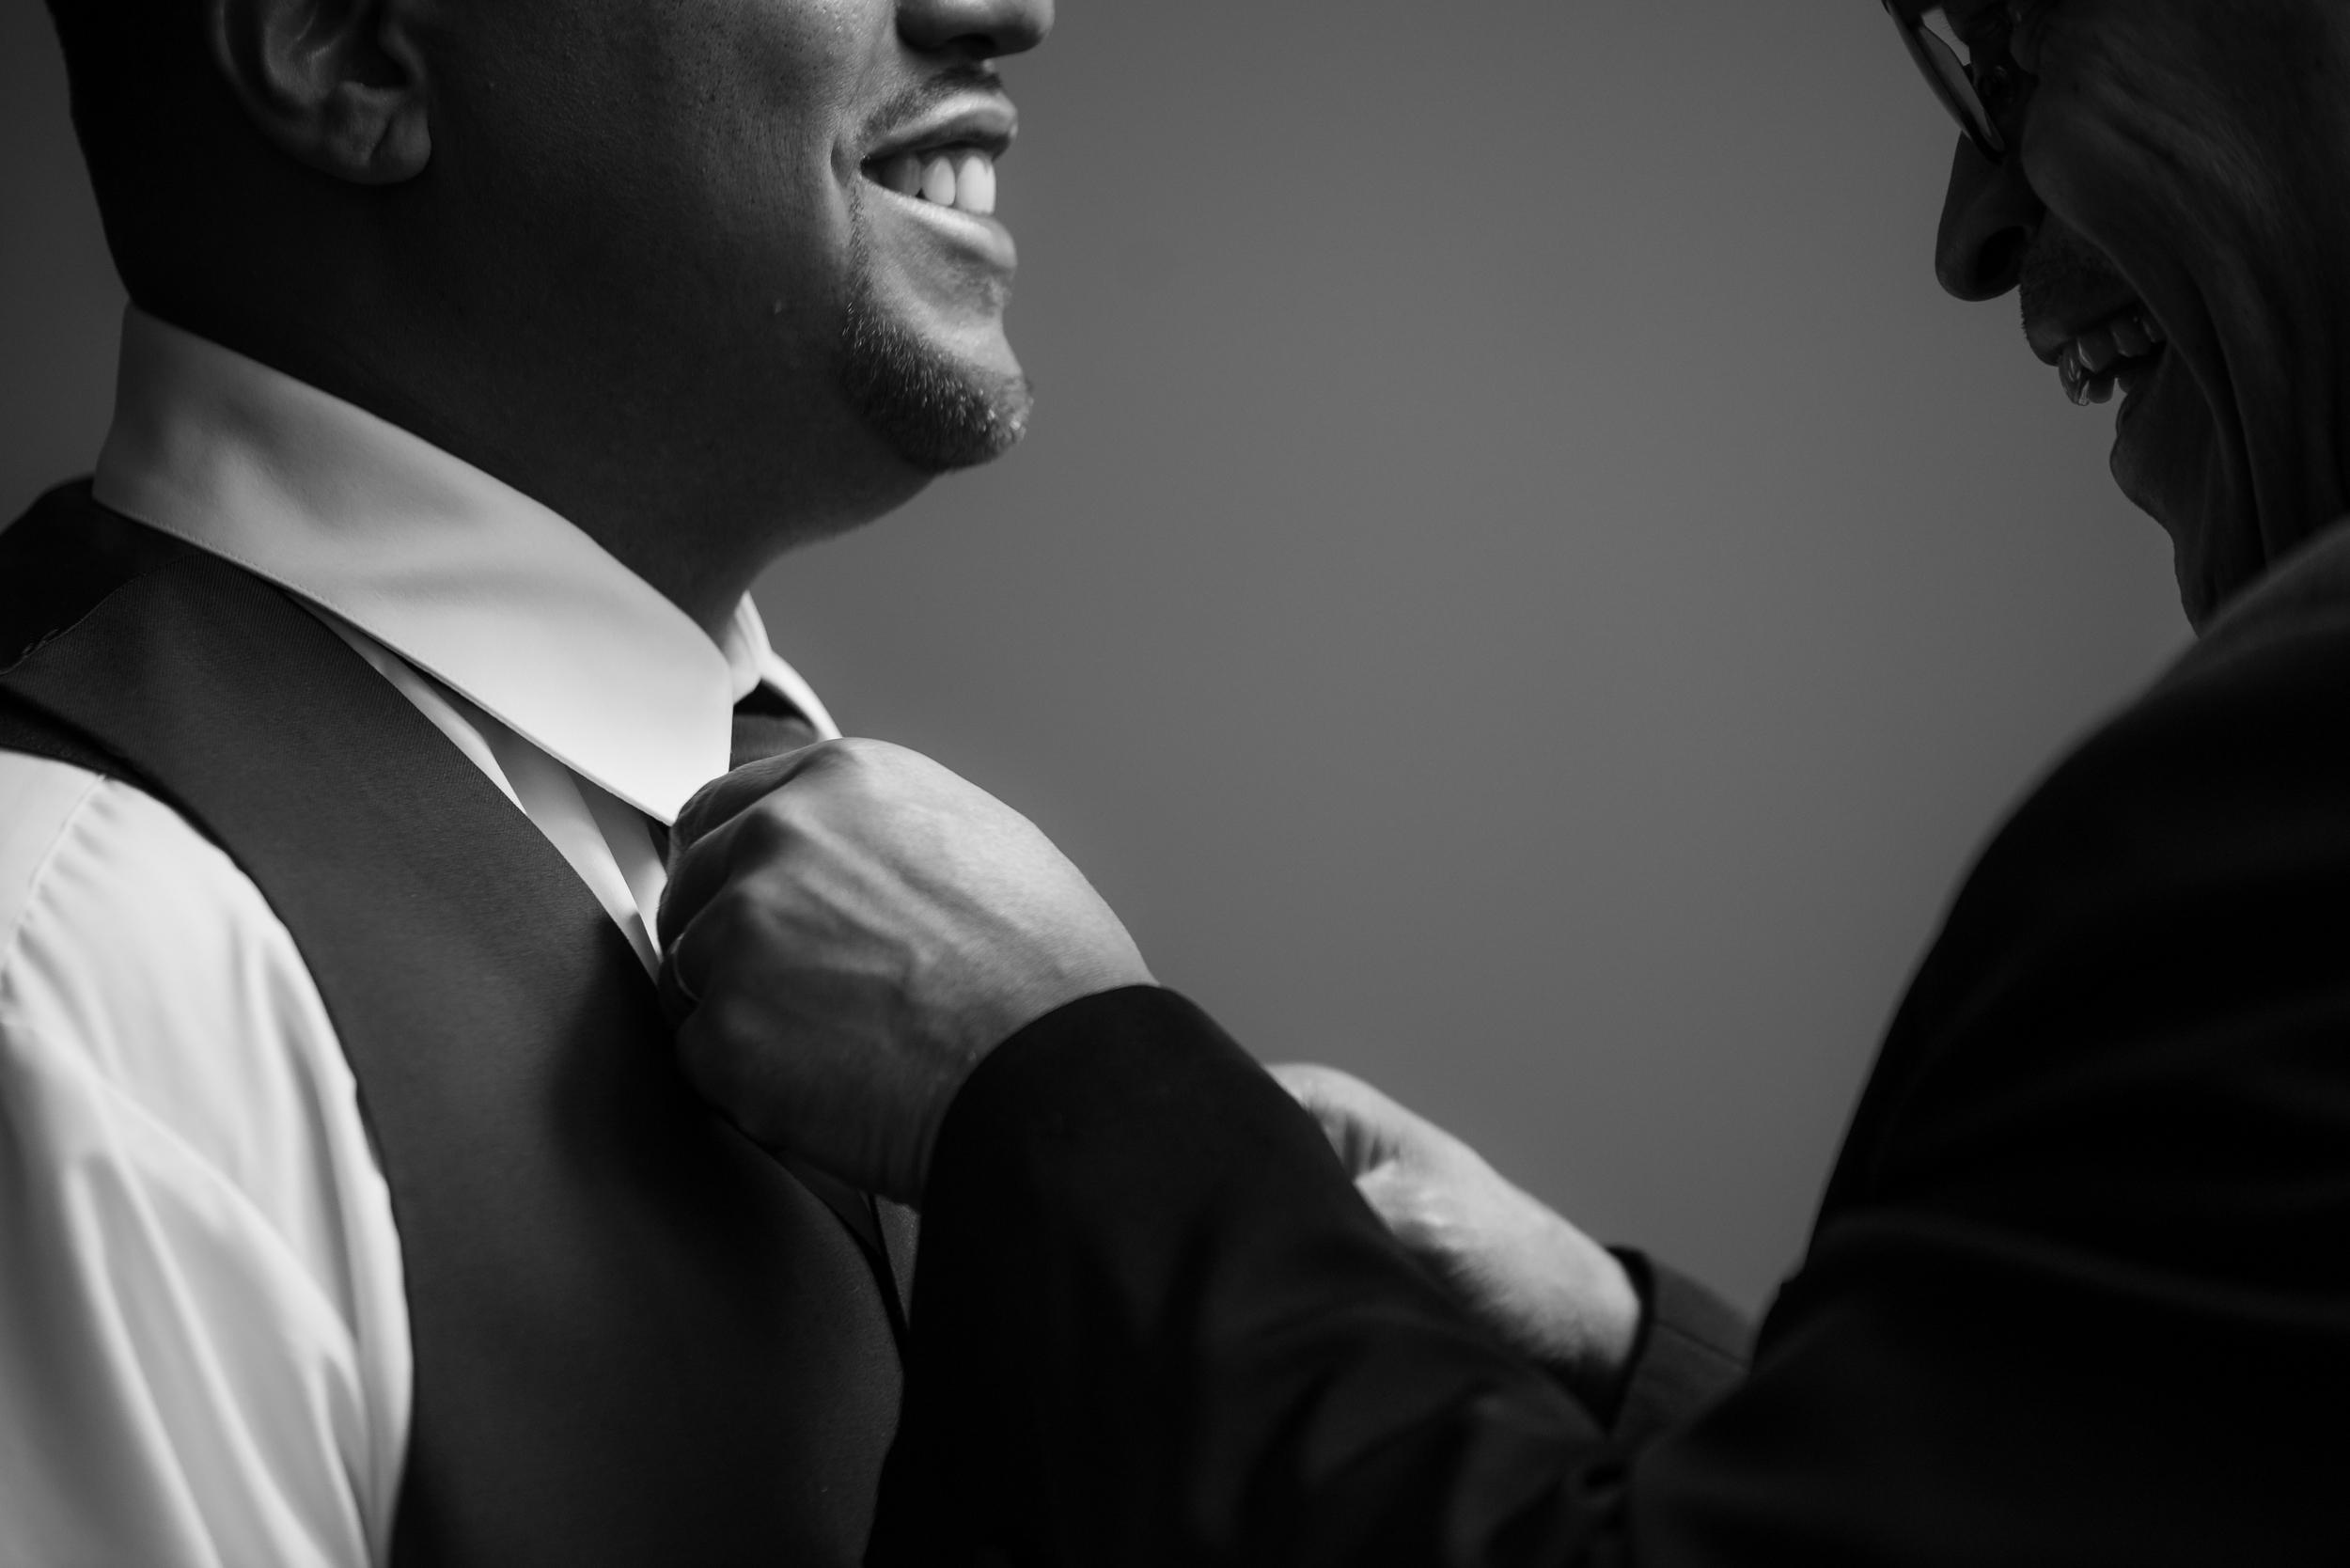 Isela-Josh-Wedding-Garcia-Photography-3833.jpg